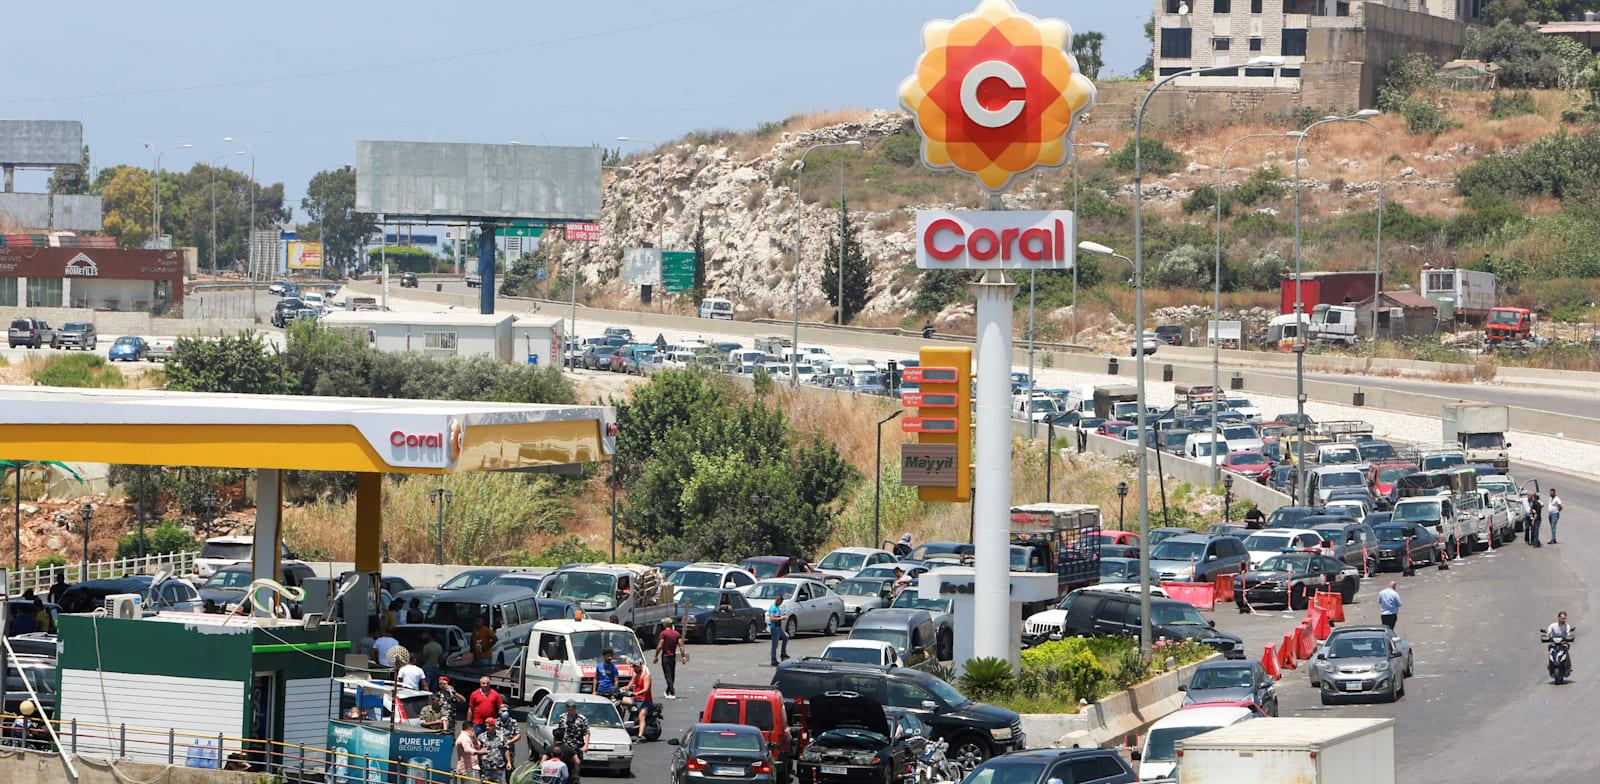 תור למילוי דלק בעיר דאמור בלבנון / צילום: Reuters